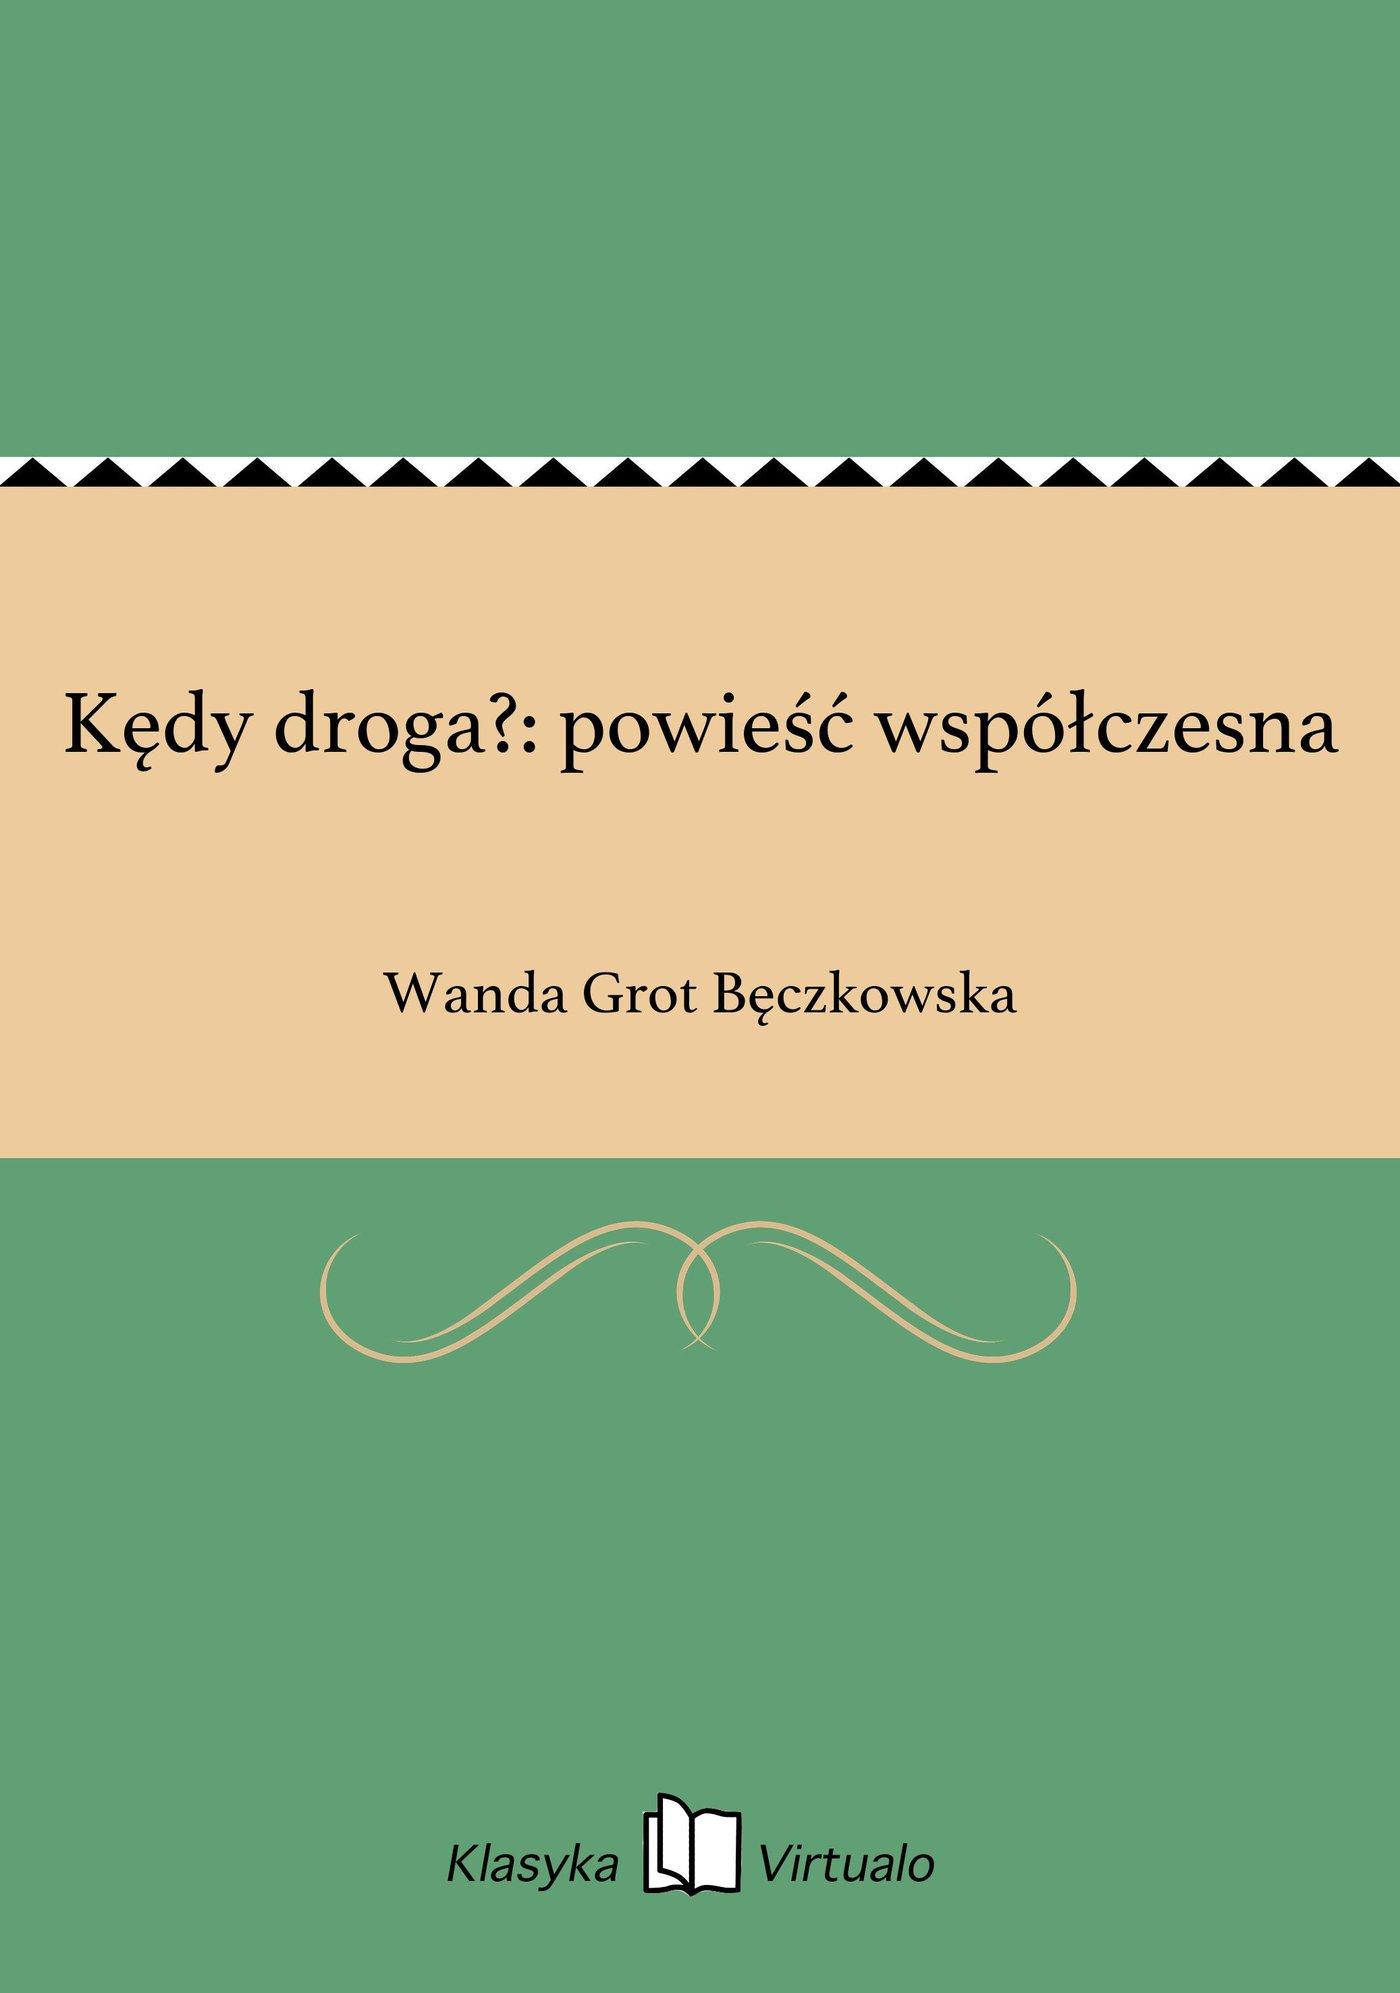 Kędy droga?: powieść współczesna - Ebook (Książka EPUB) do pobrania w formacie EPUB